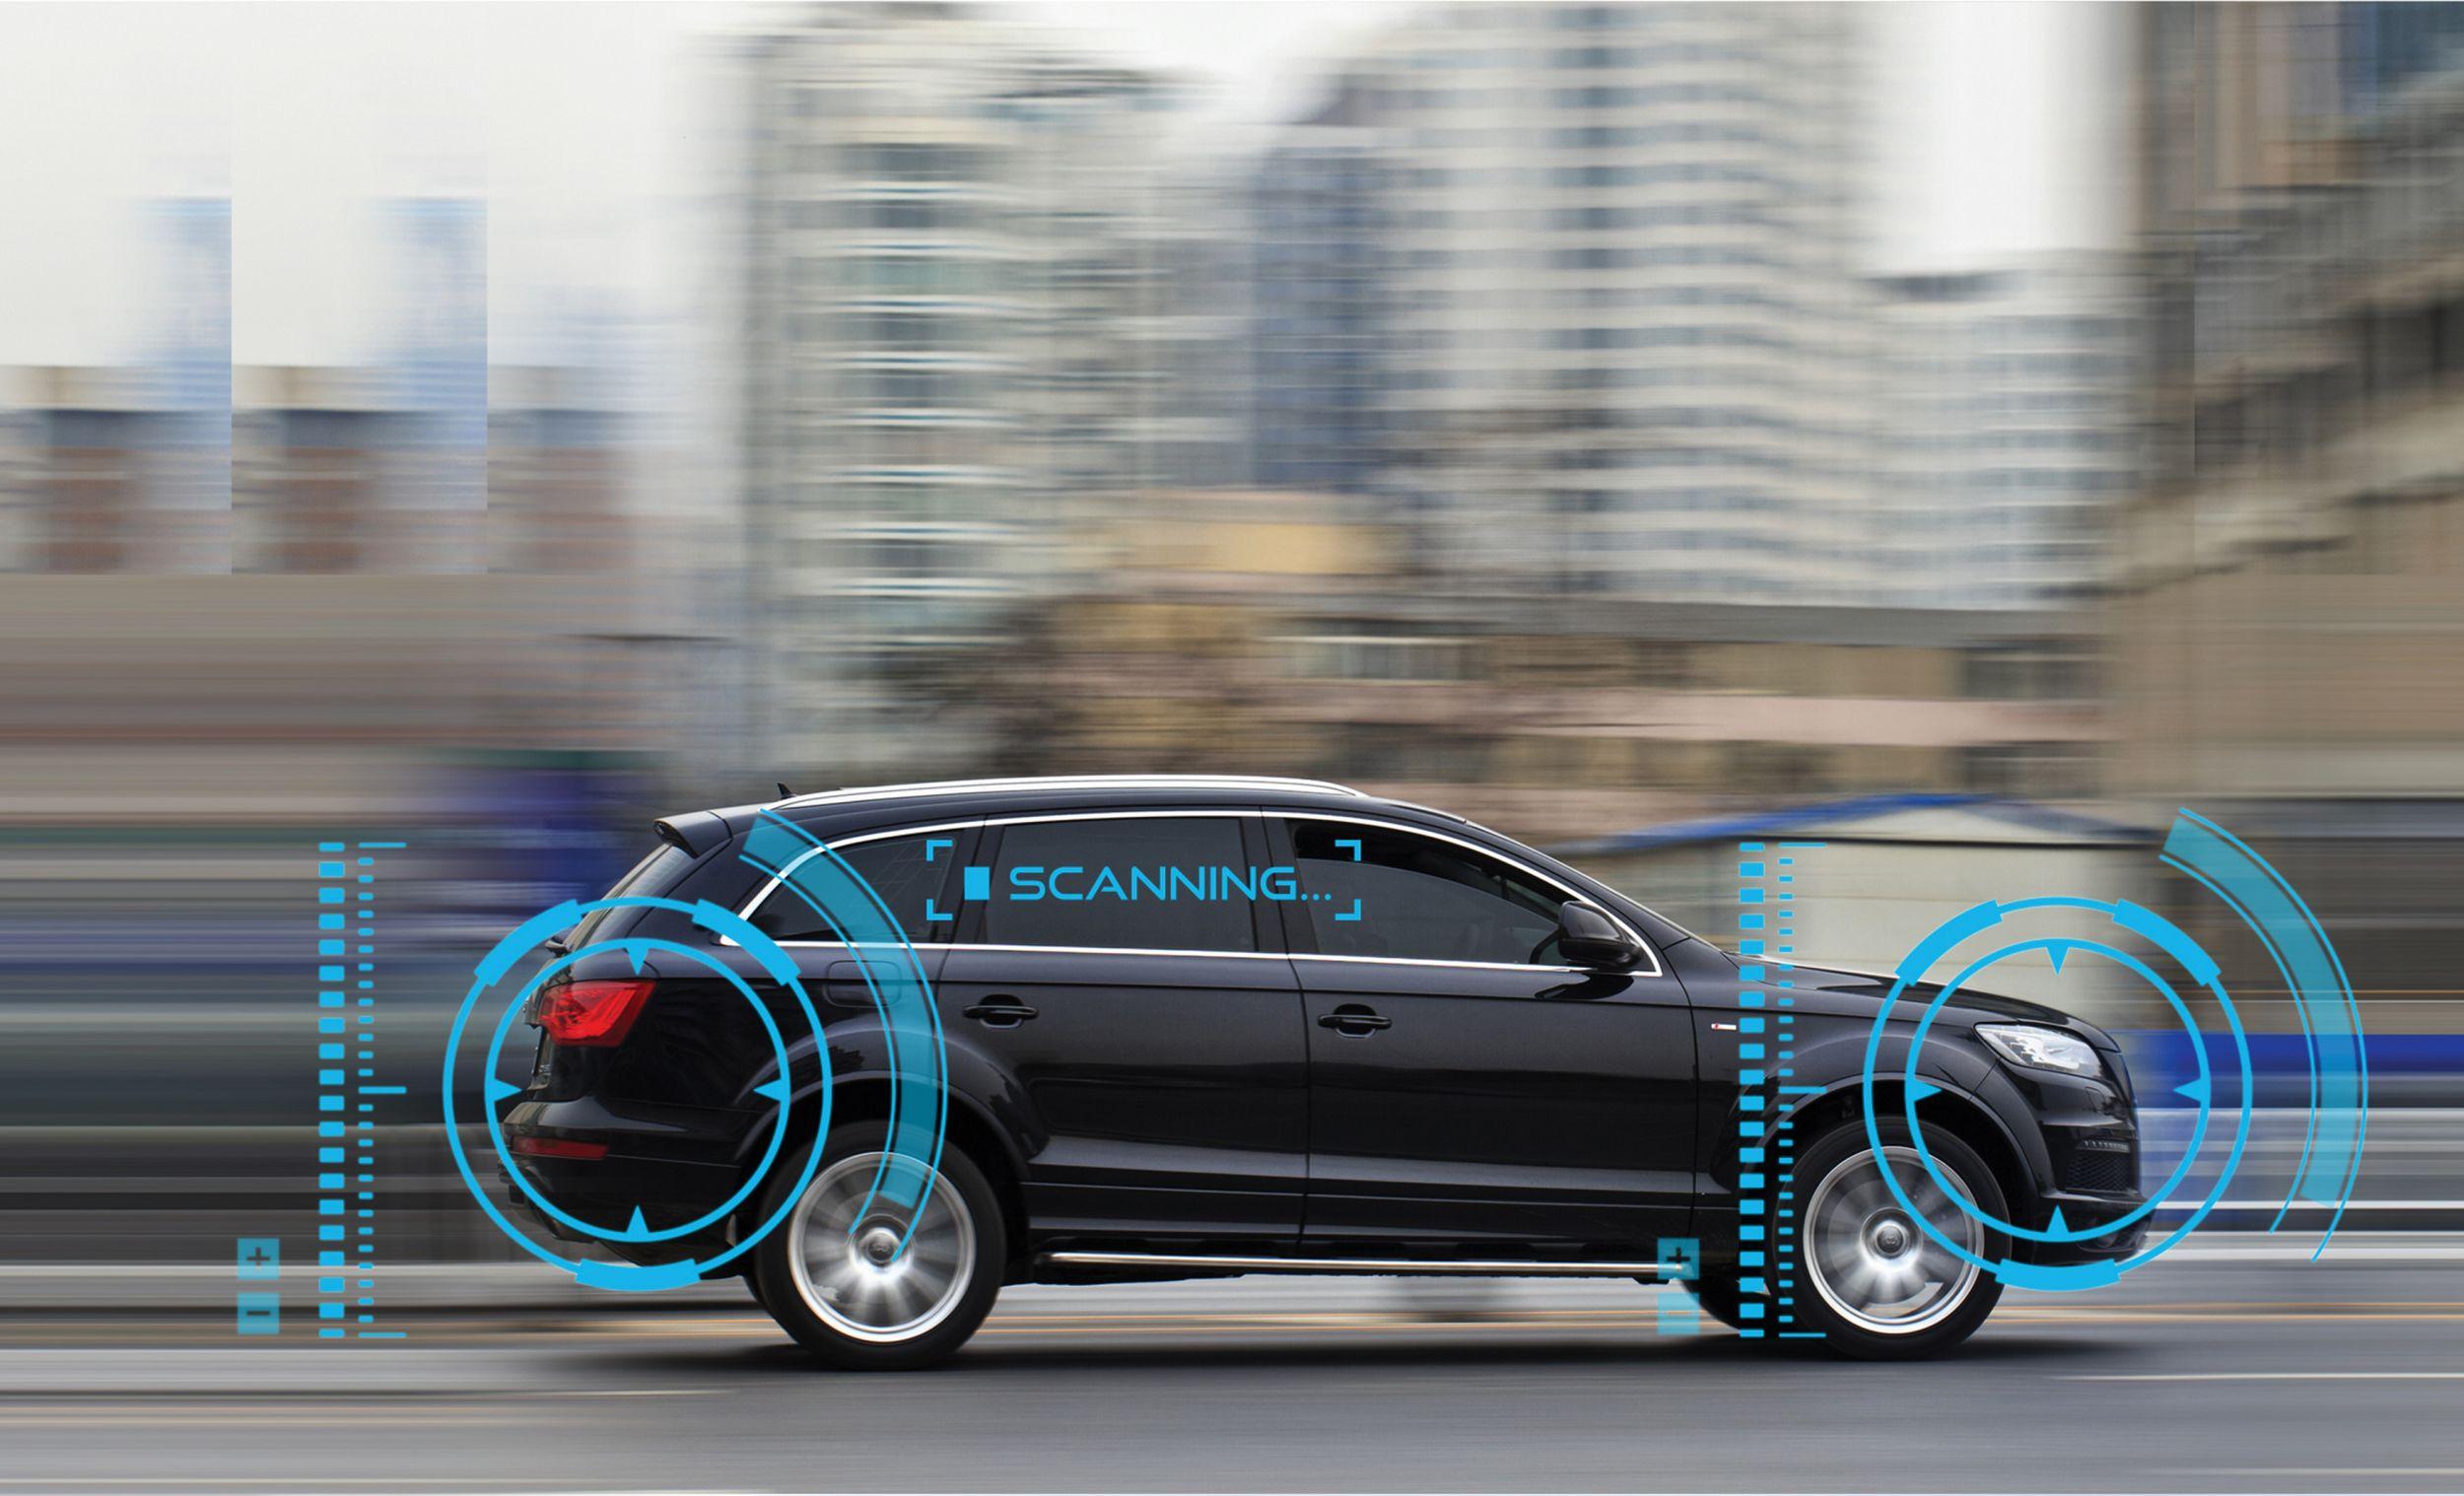 Sicheres autonomes Fahren